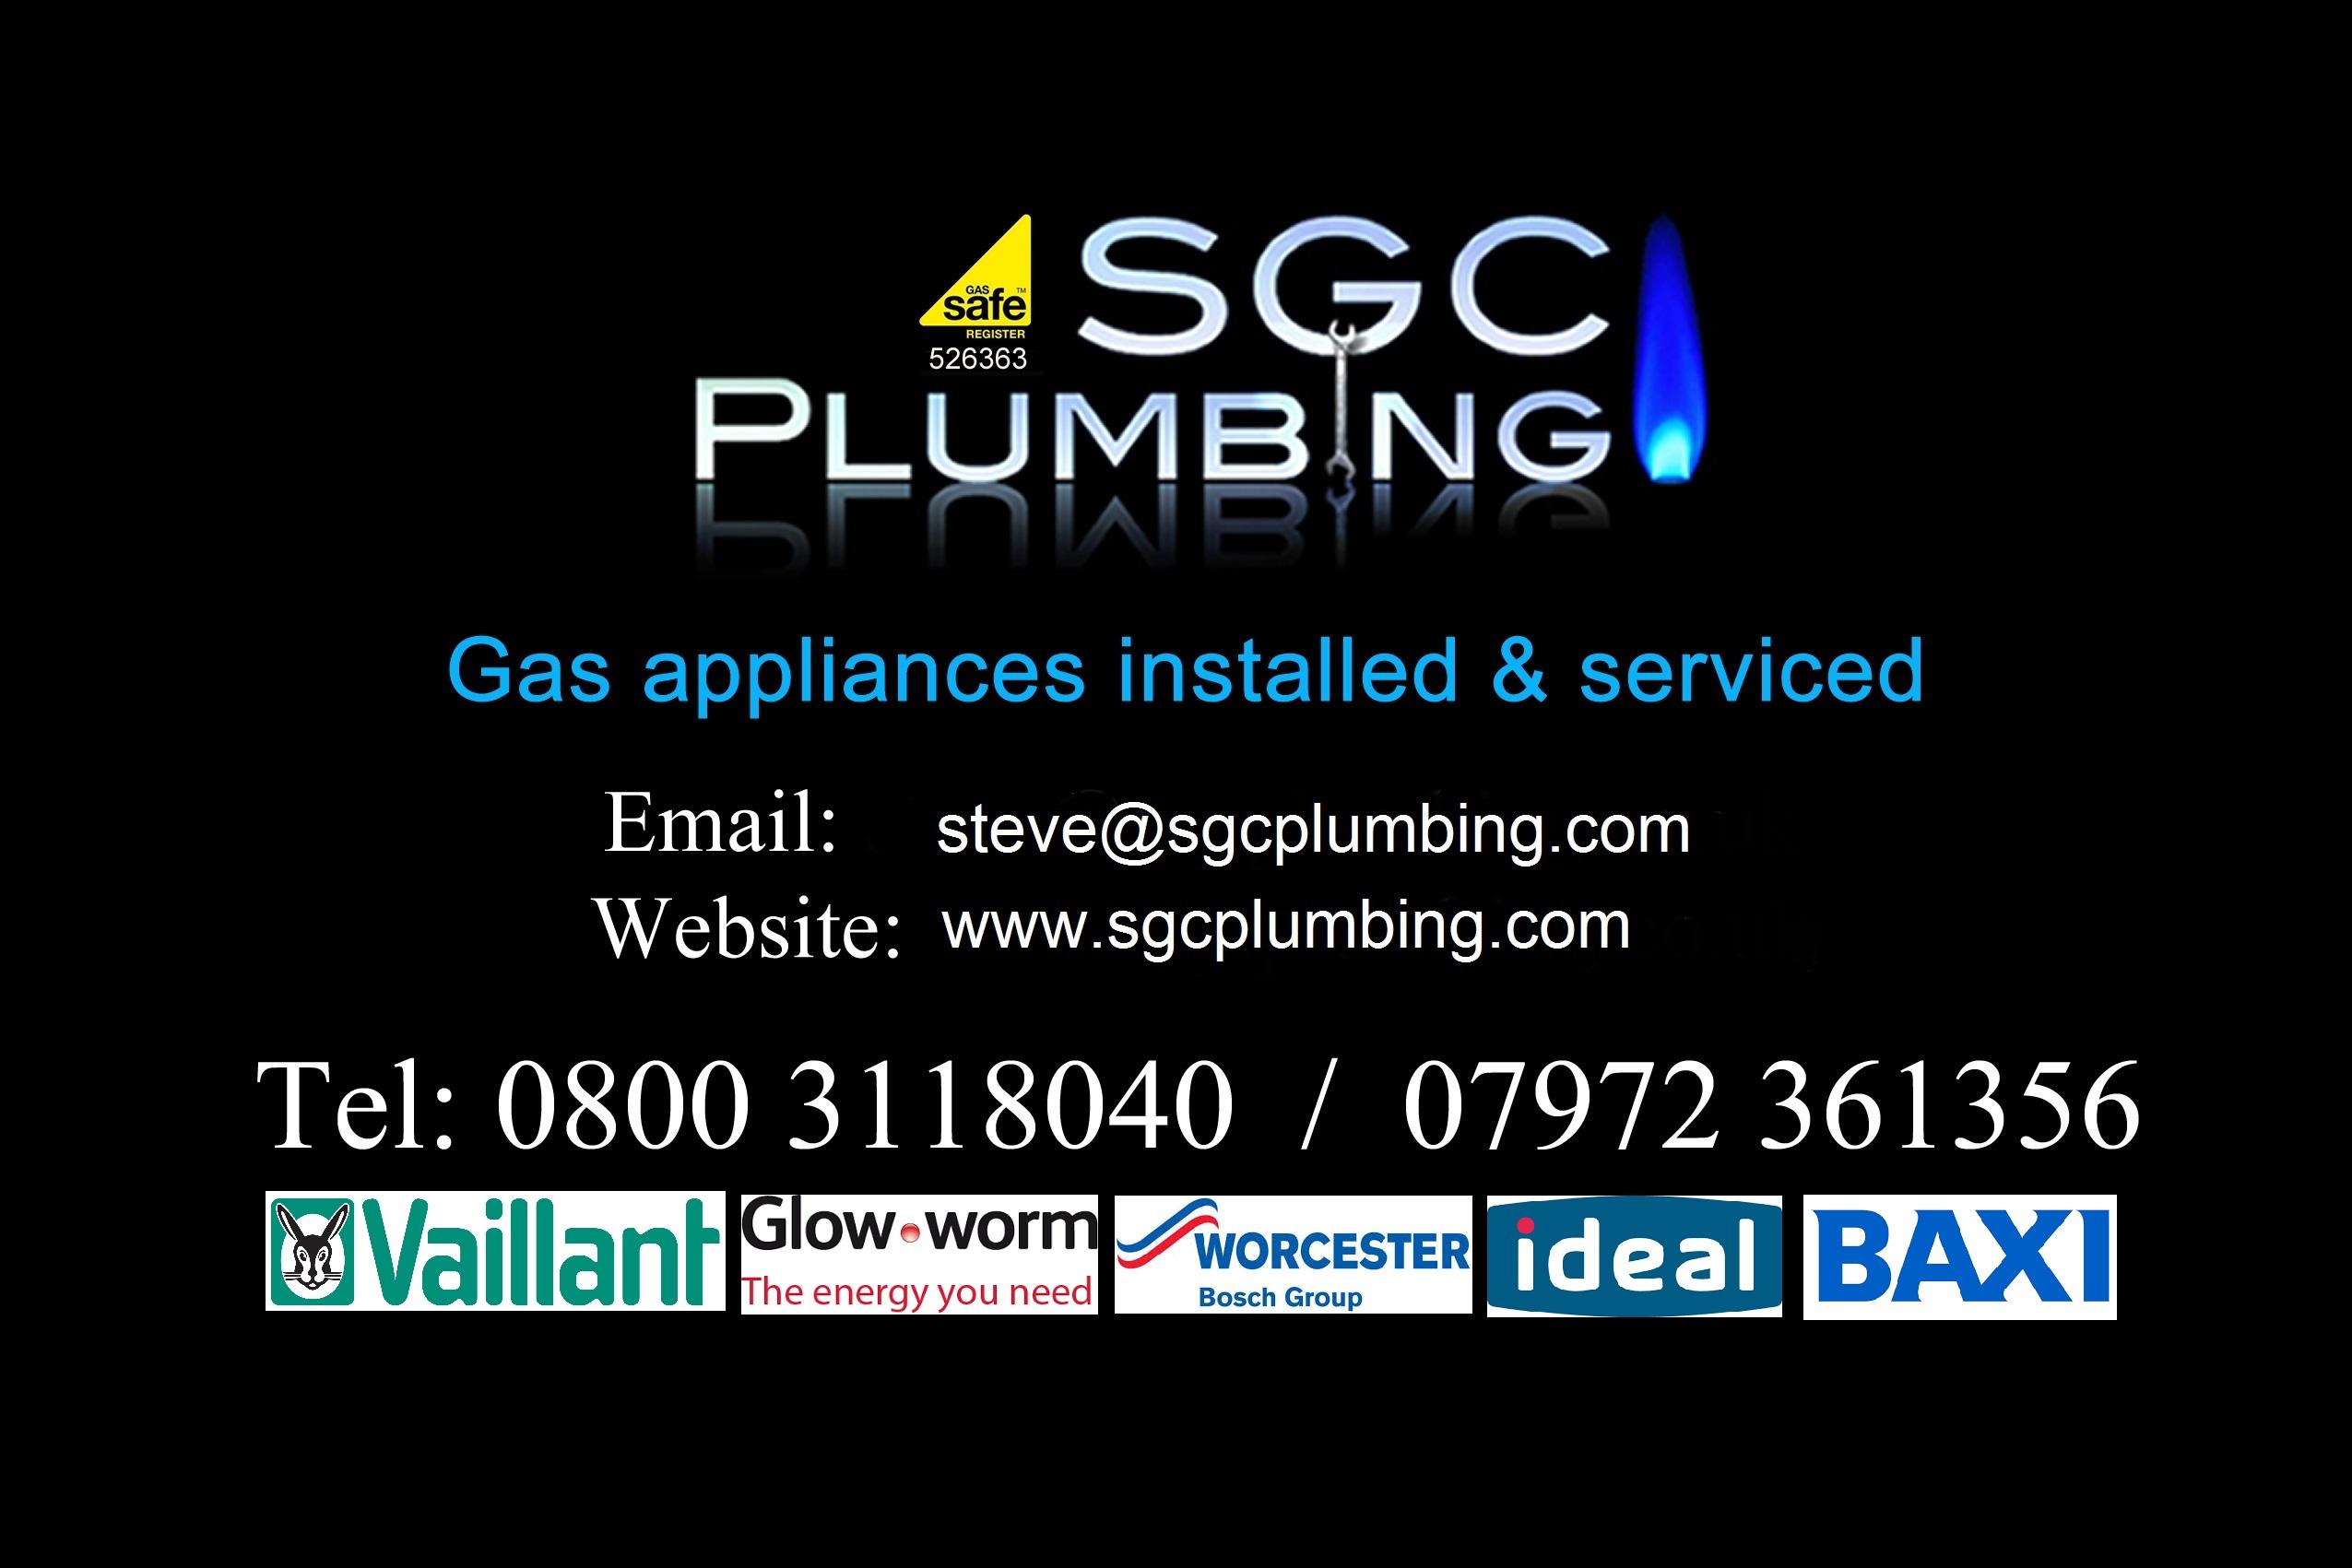 SGC_Plumbing_Business_Card_Vista